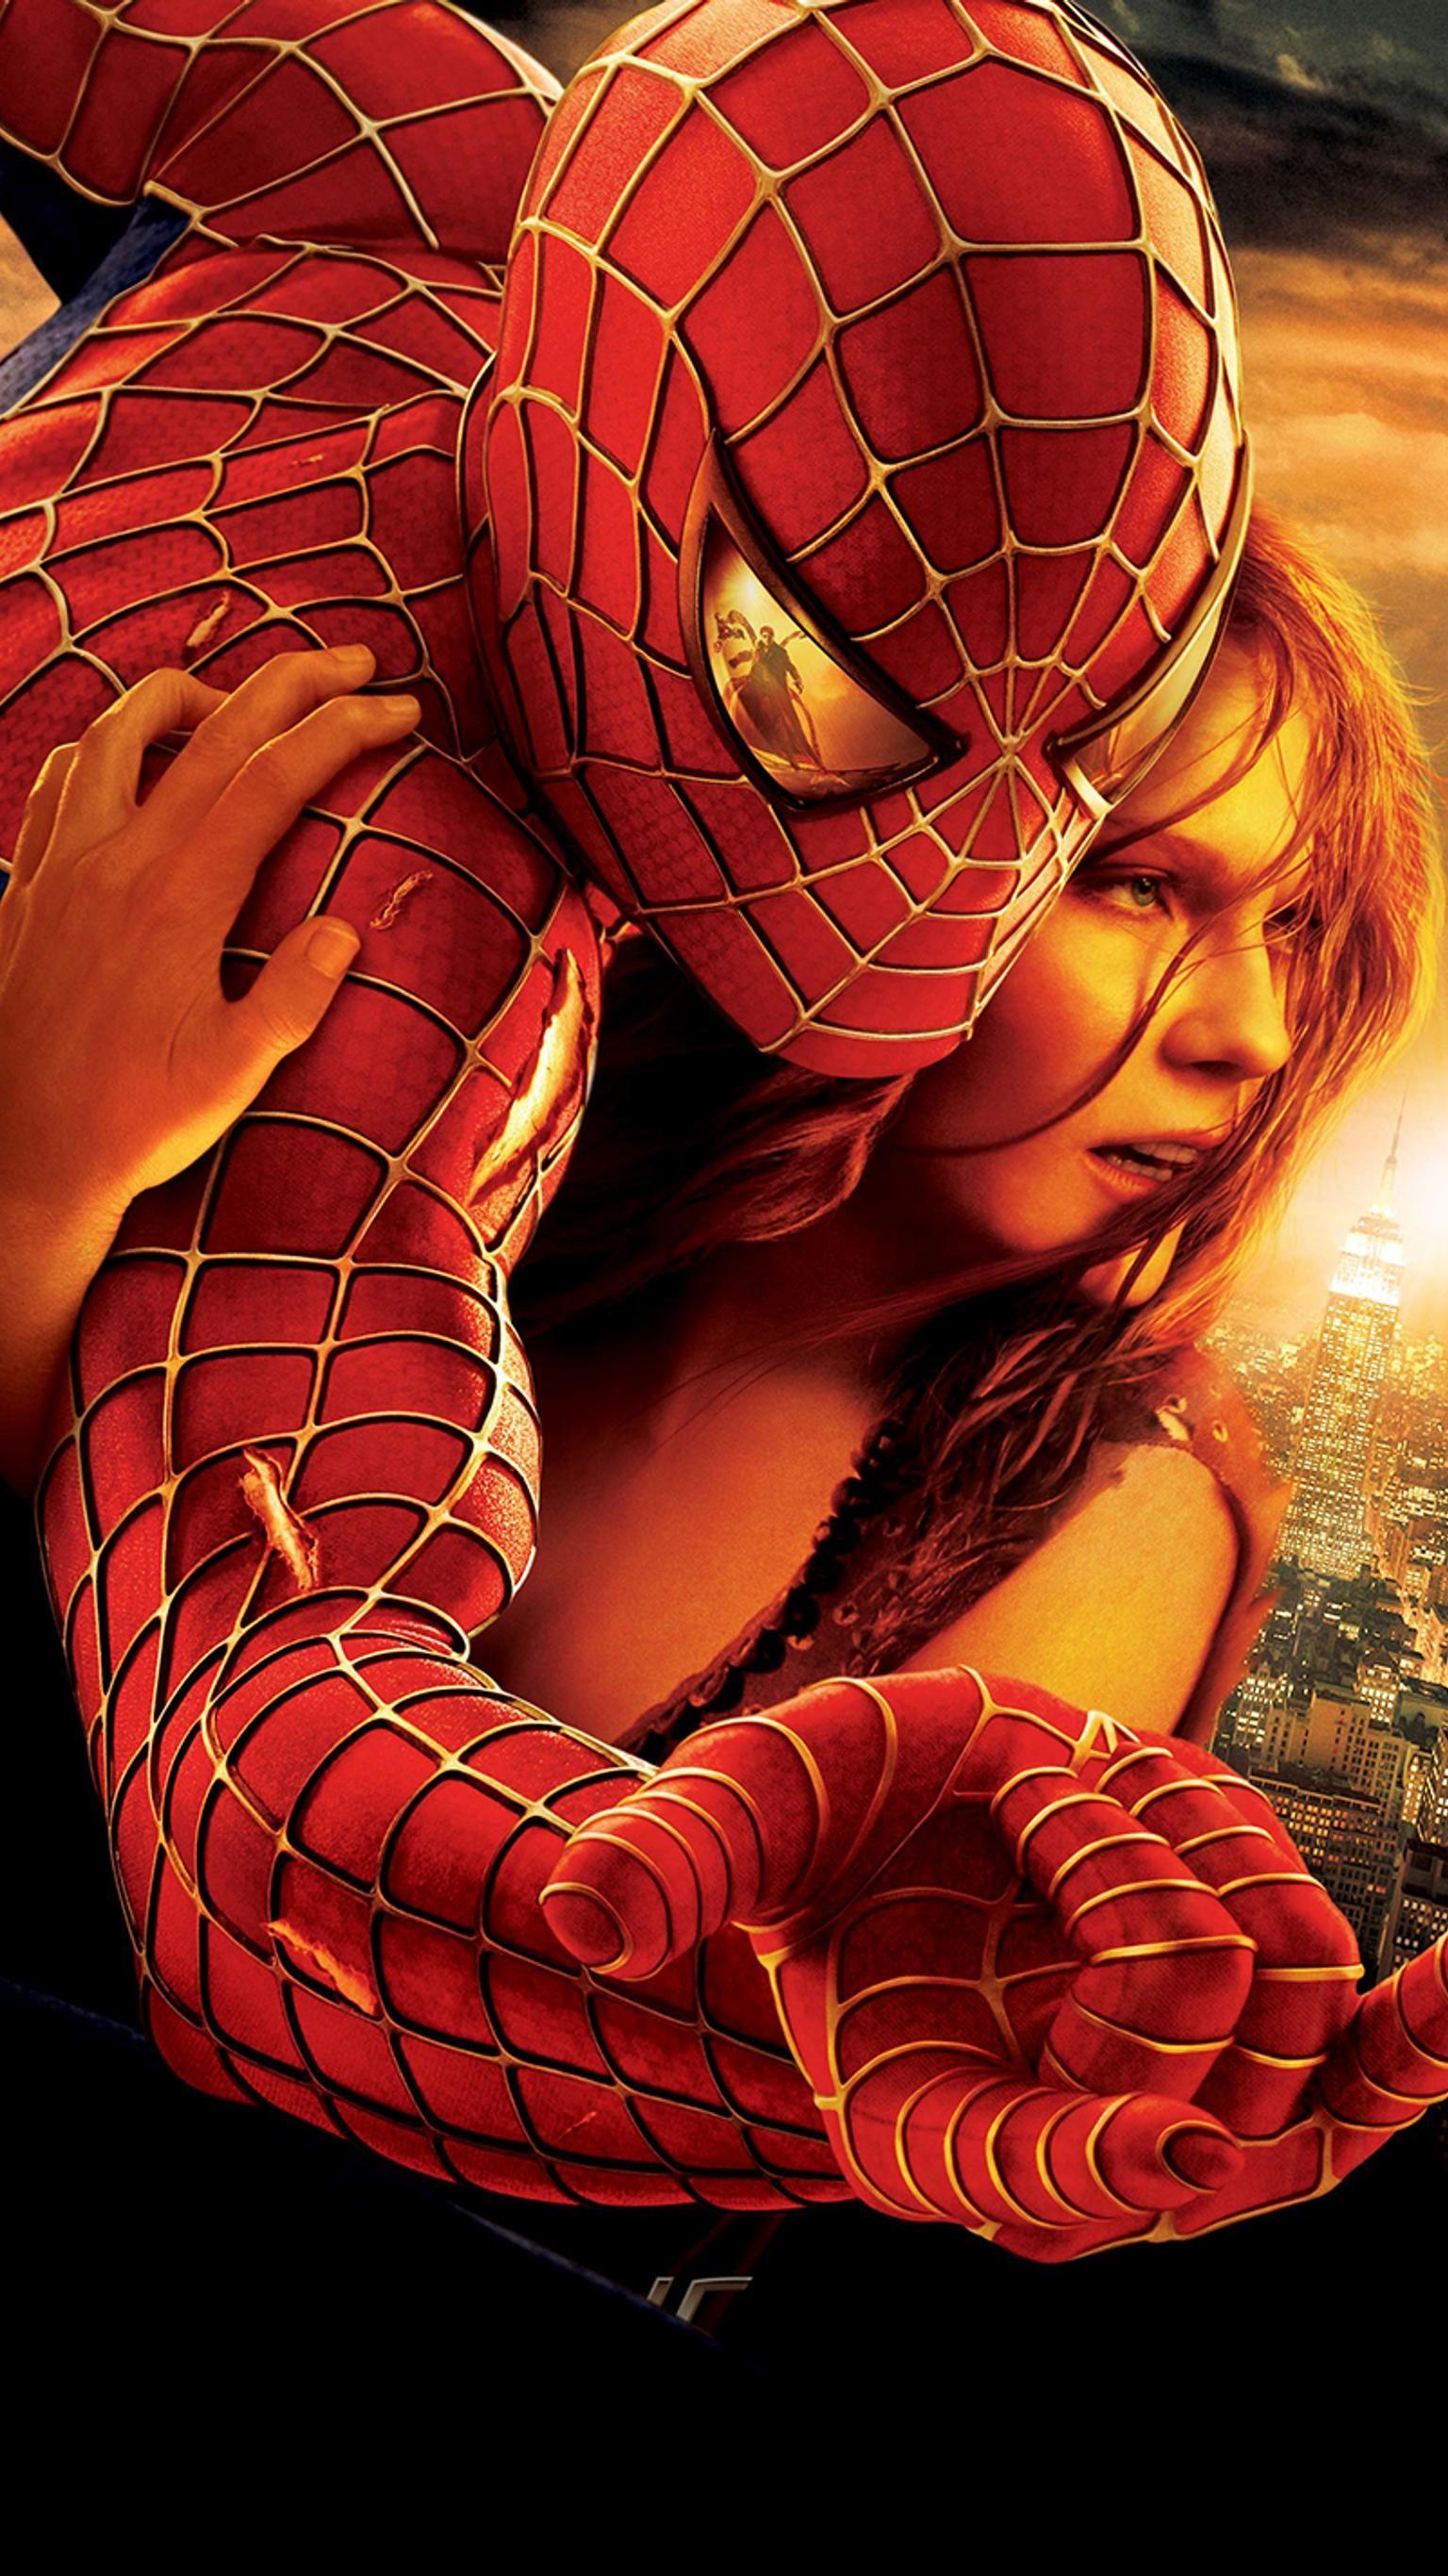 Spider Man 2 2004 Phone Wallpaper Spiderman Movie Spiderman